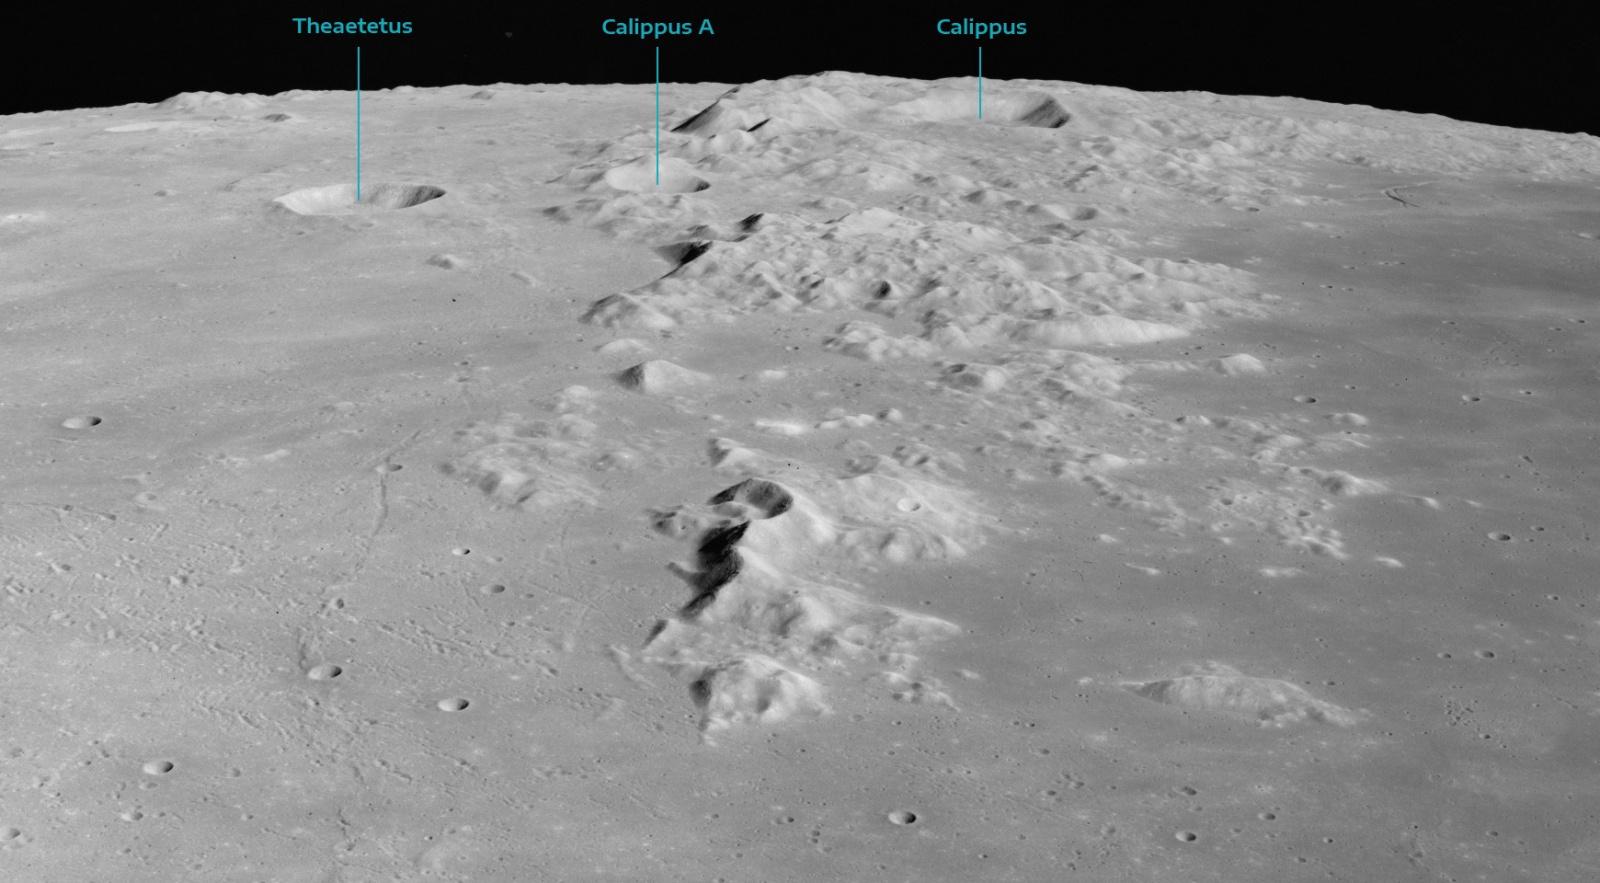 MONTES-CAUCASUS-APOLLO-15.jpg